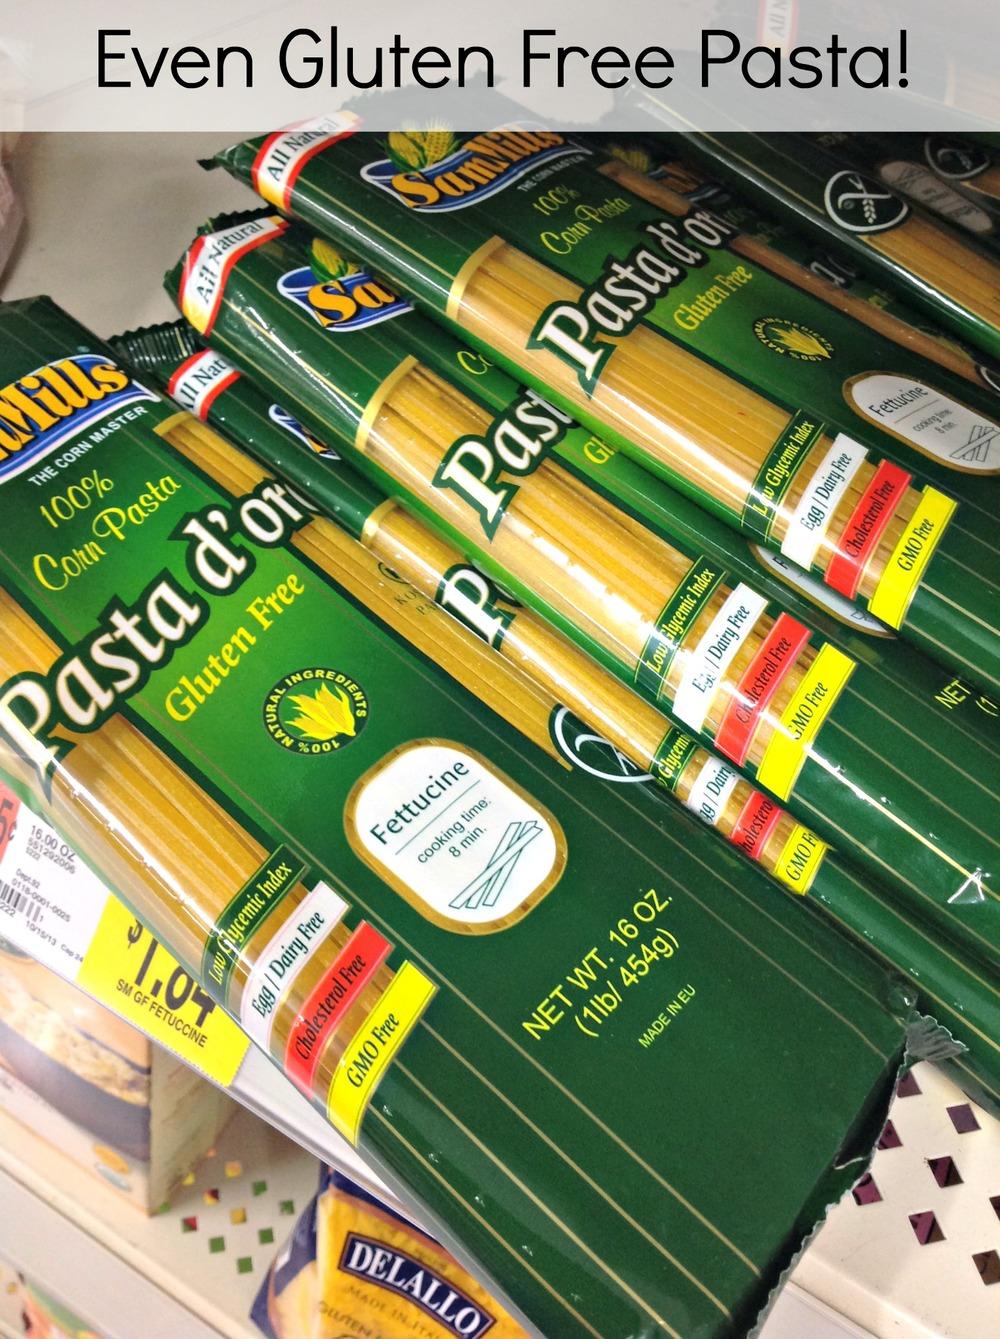 gluten-free-pasta-gowalmart-wmt5663.jpg